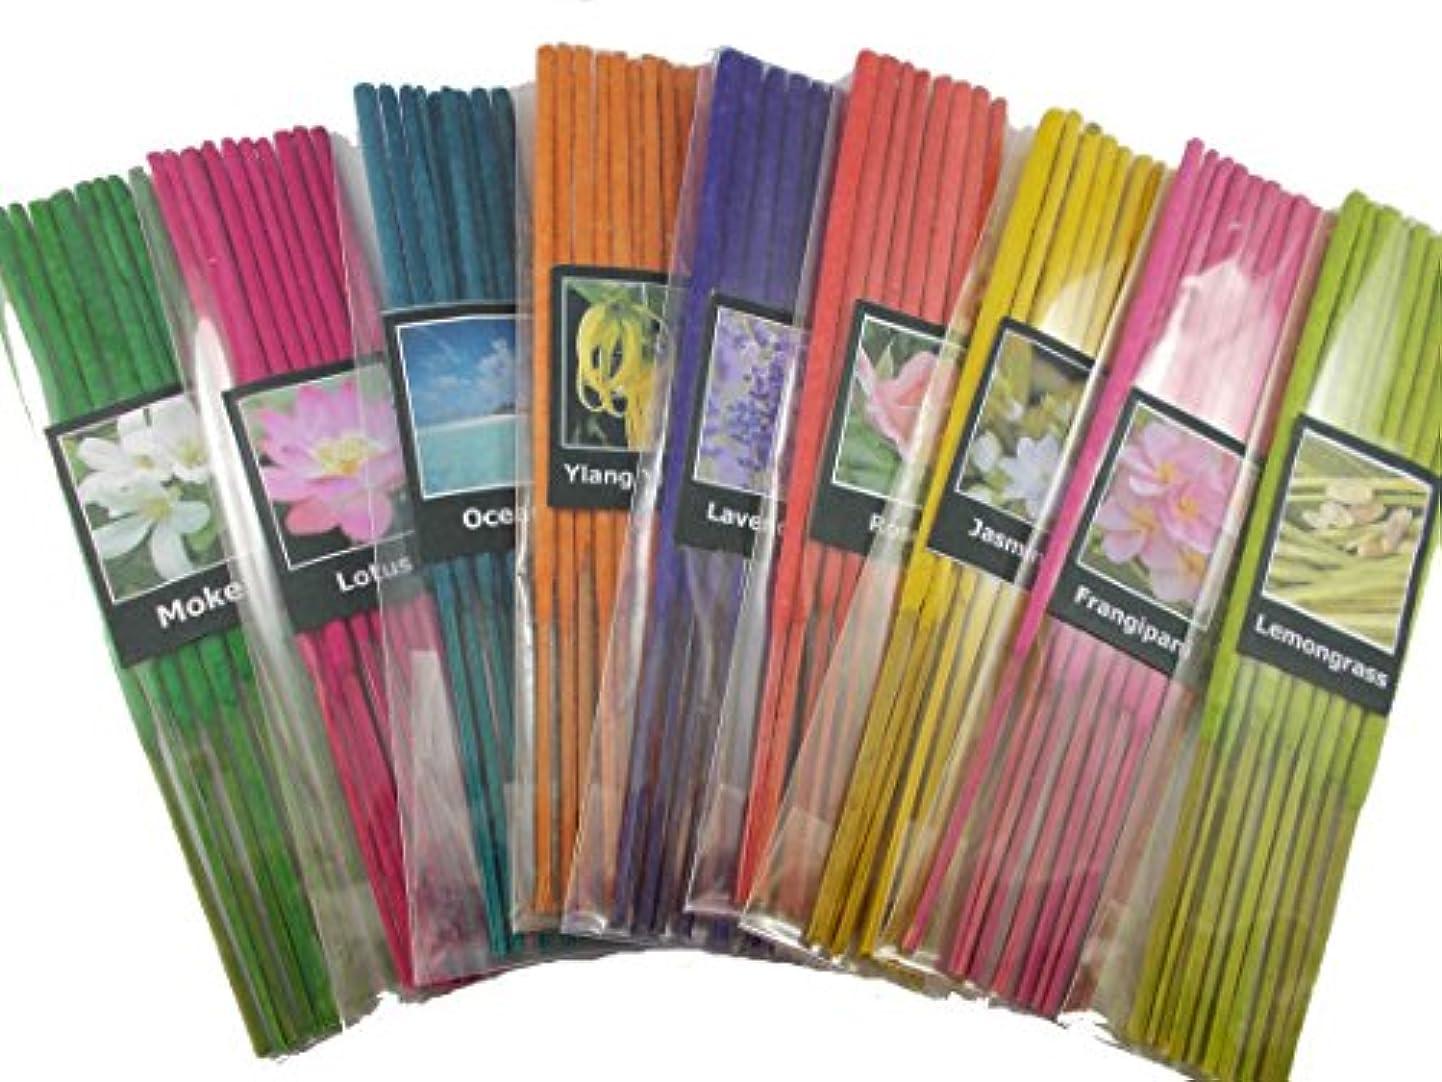 シビック運動する見つけた90pc Incense Sticks Frankincense IncenseロットIncenseセットアロマハーブlength15 cm